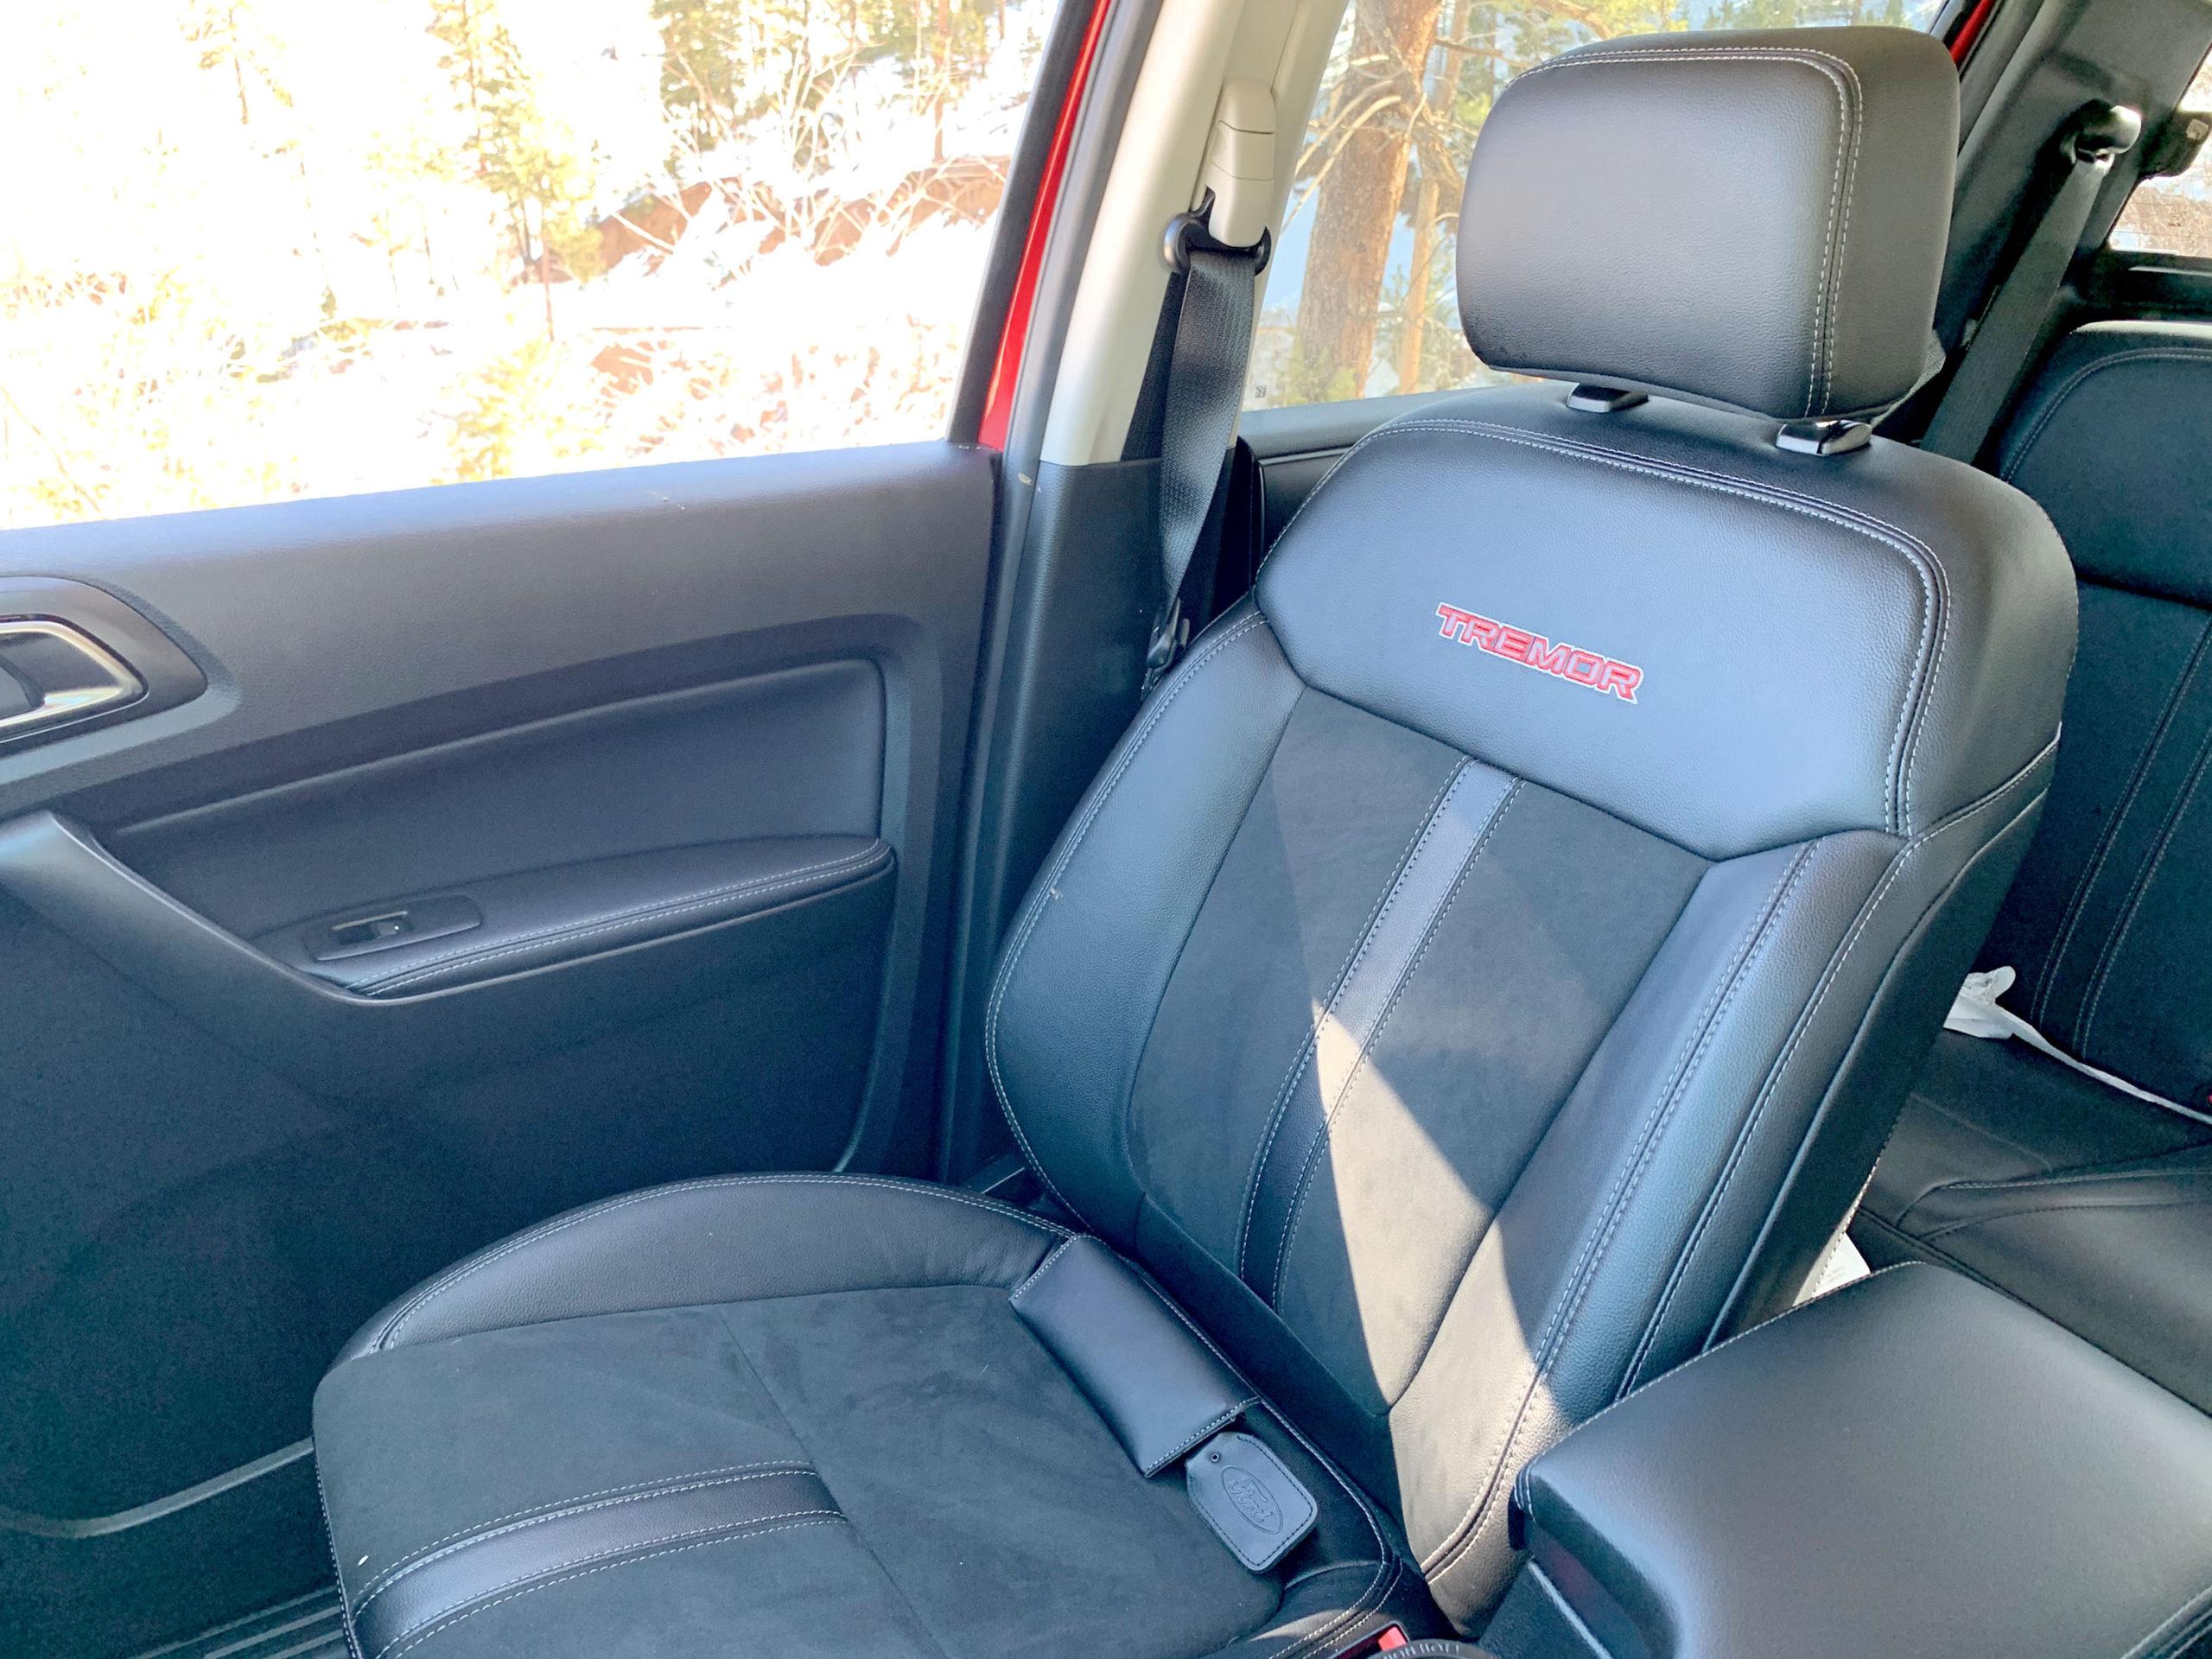 2021 Ford Ranger Tremor seat